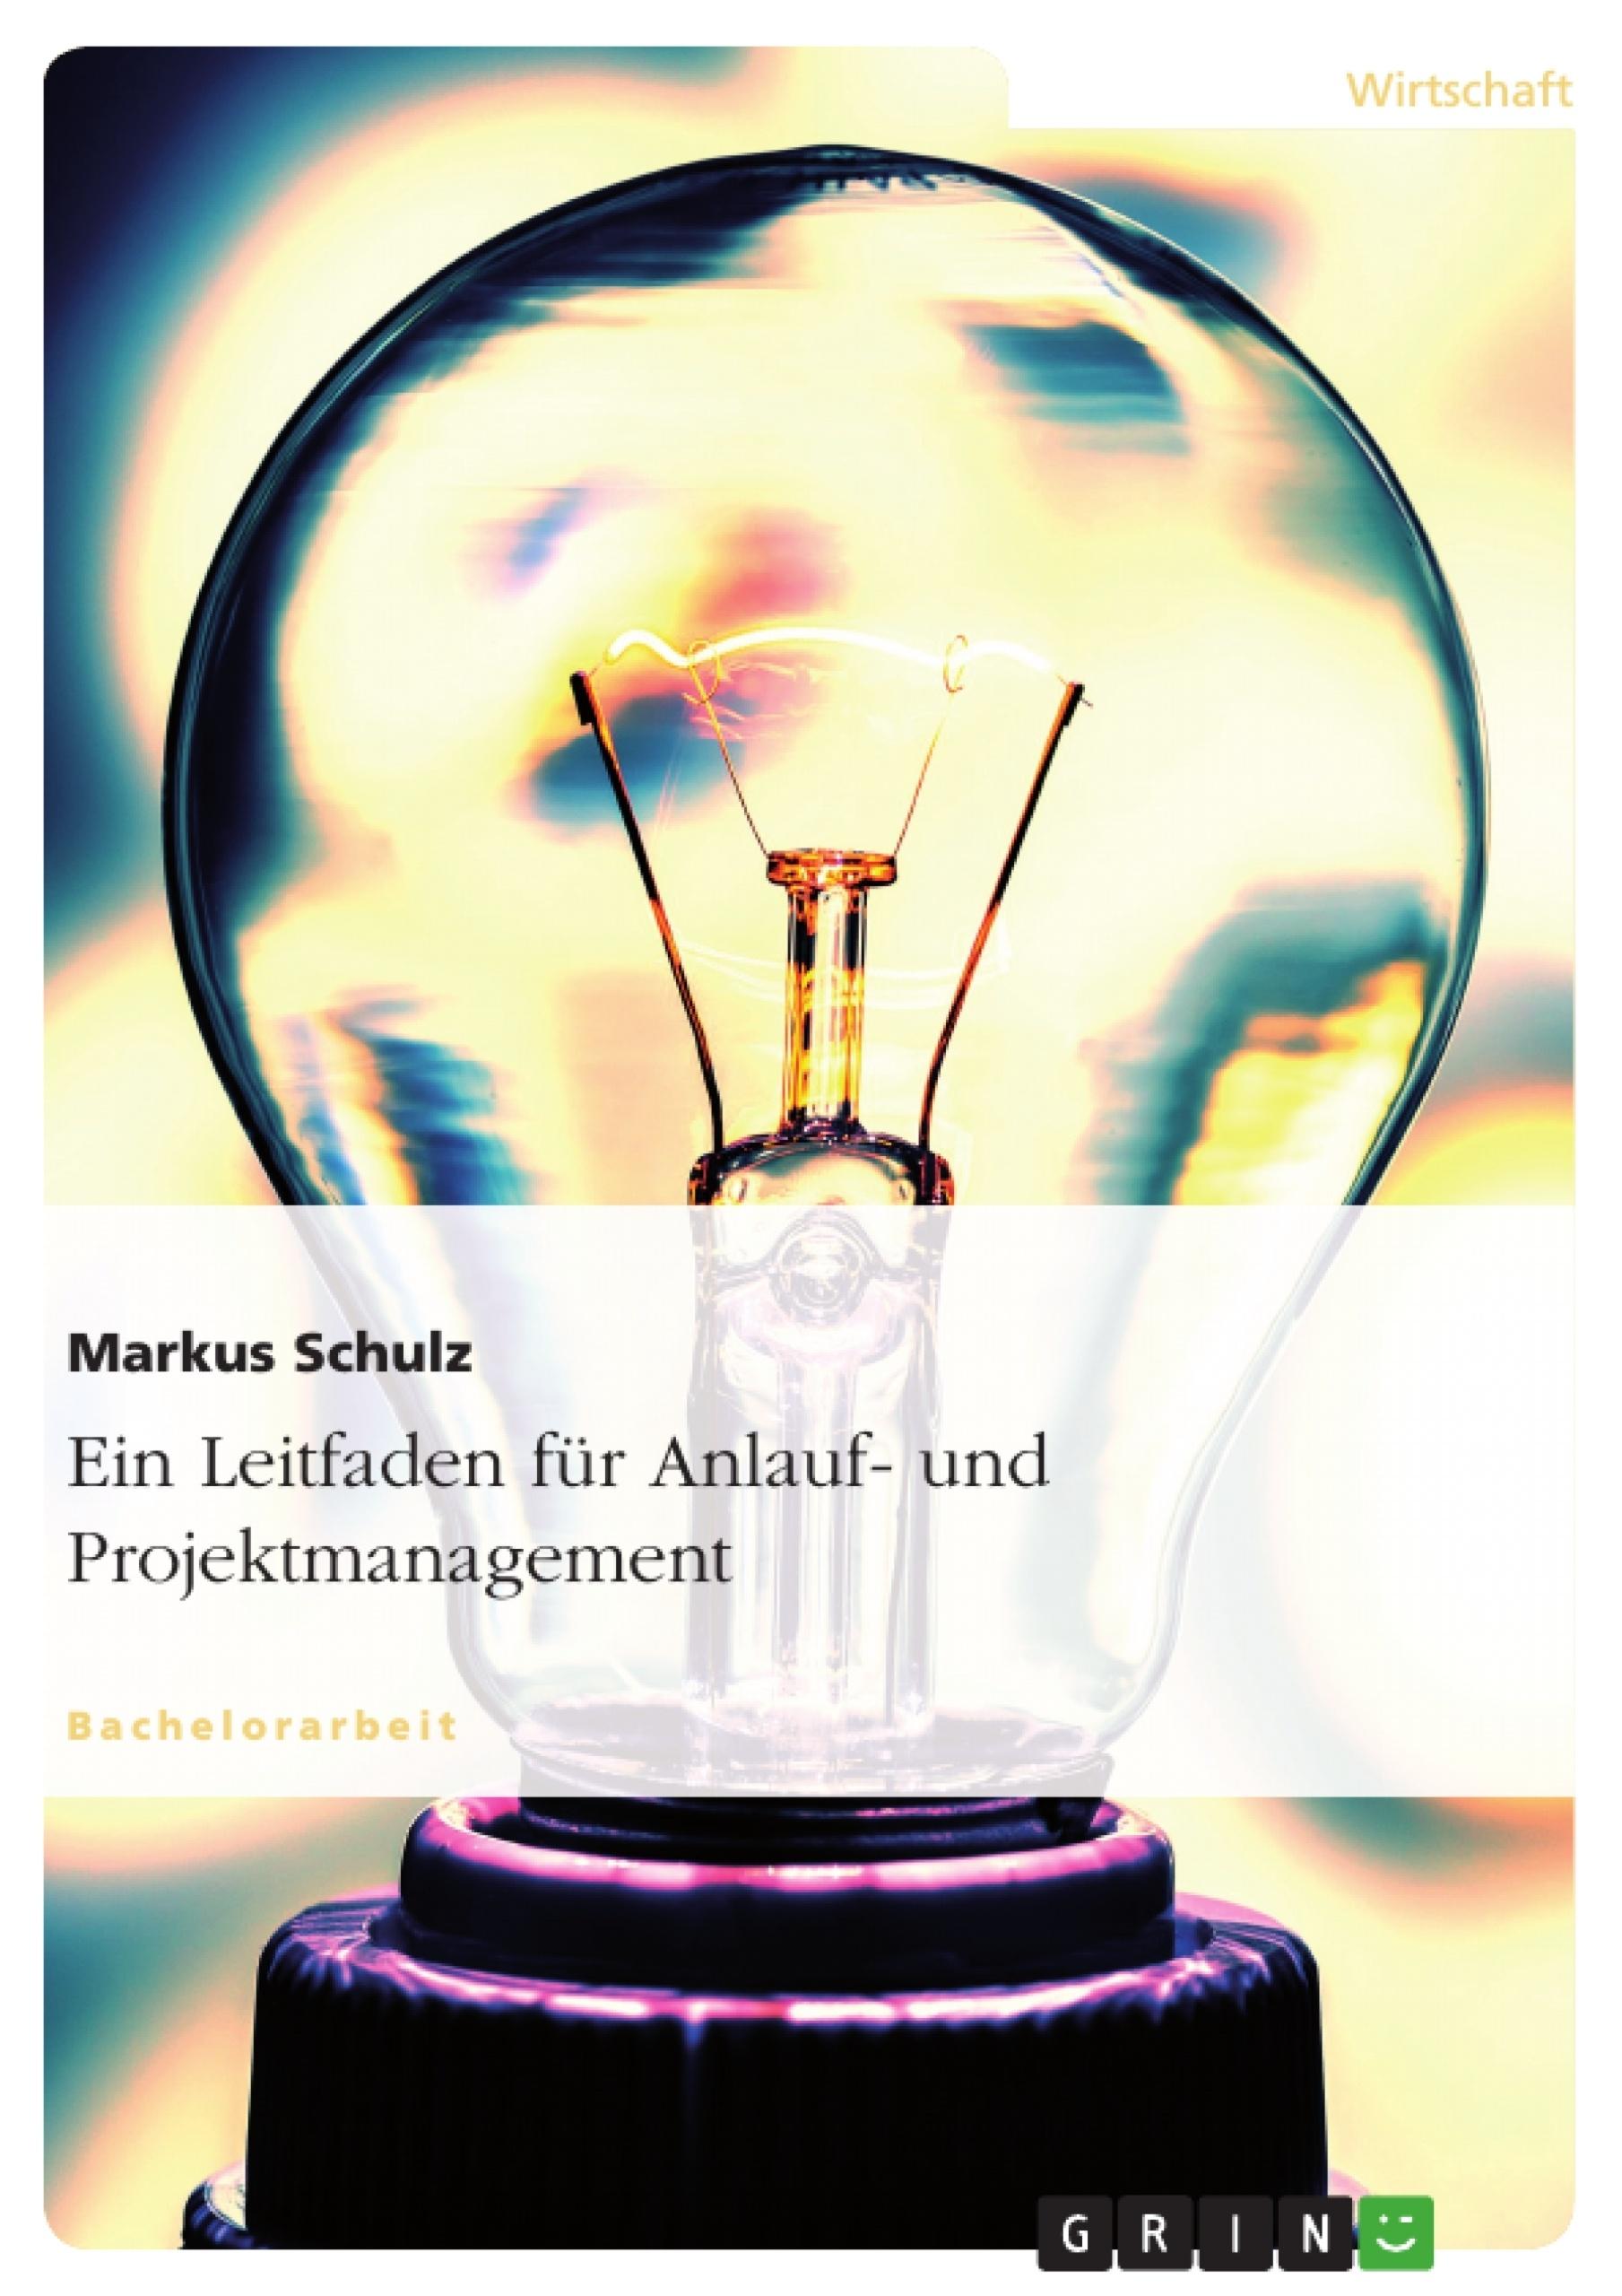 Titel: Ein Leitfaden für Anlauf- und Projektmanagement